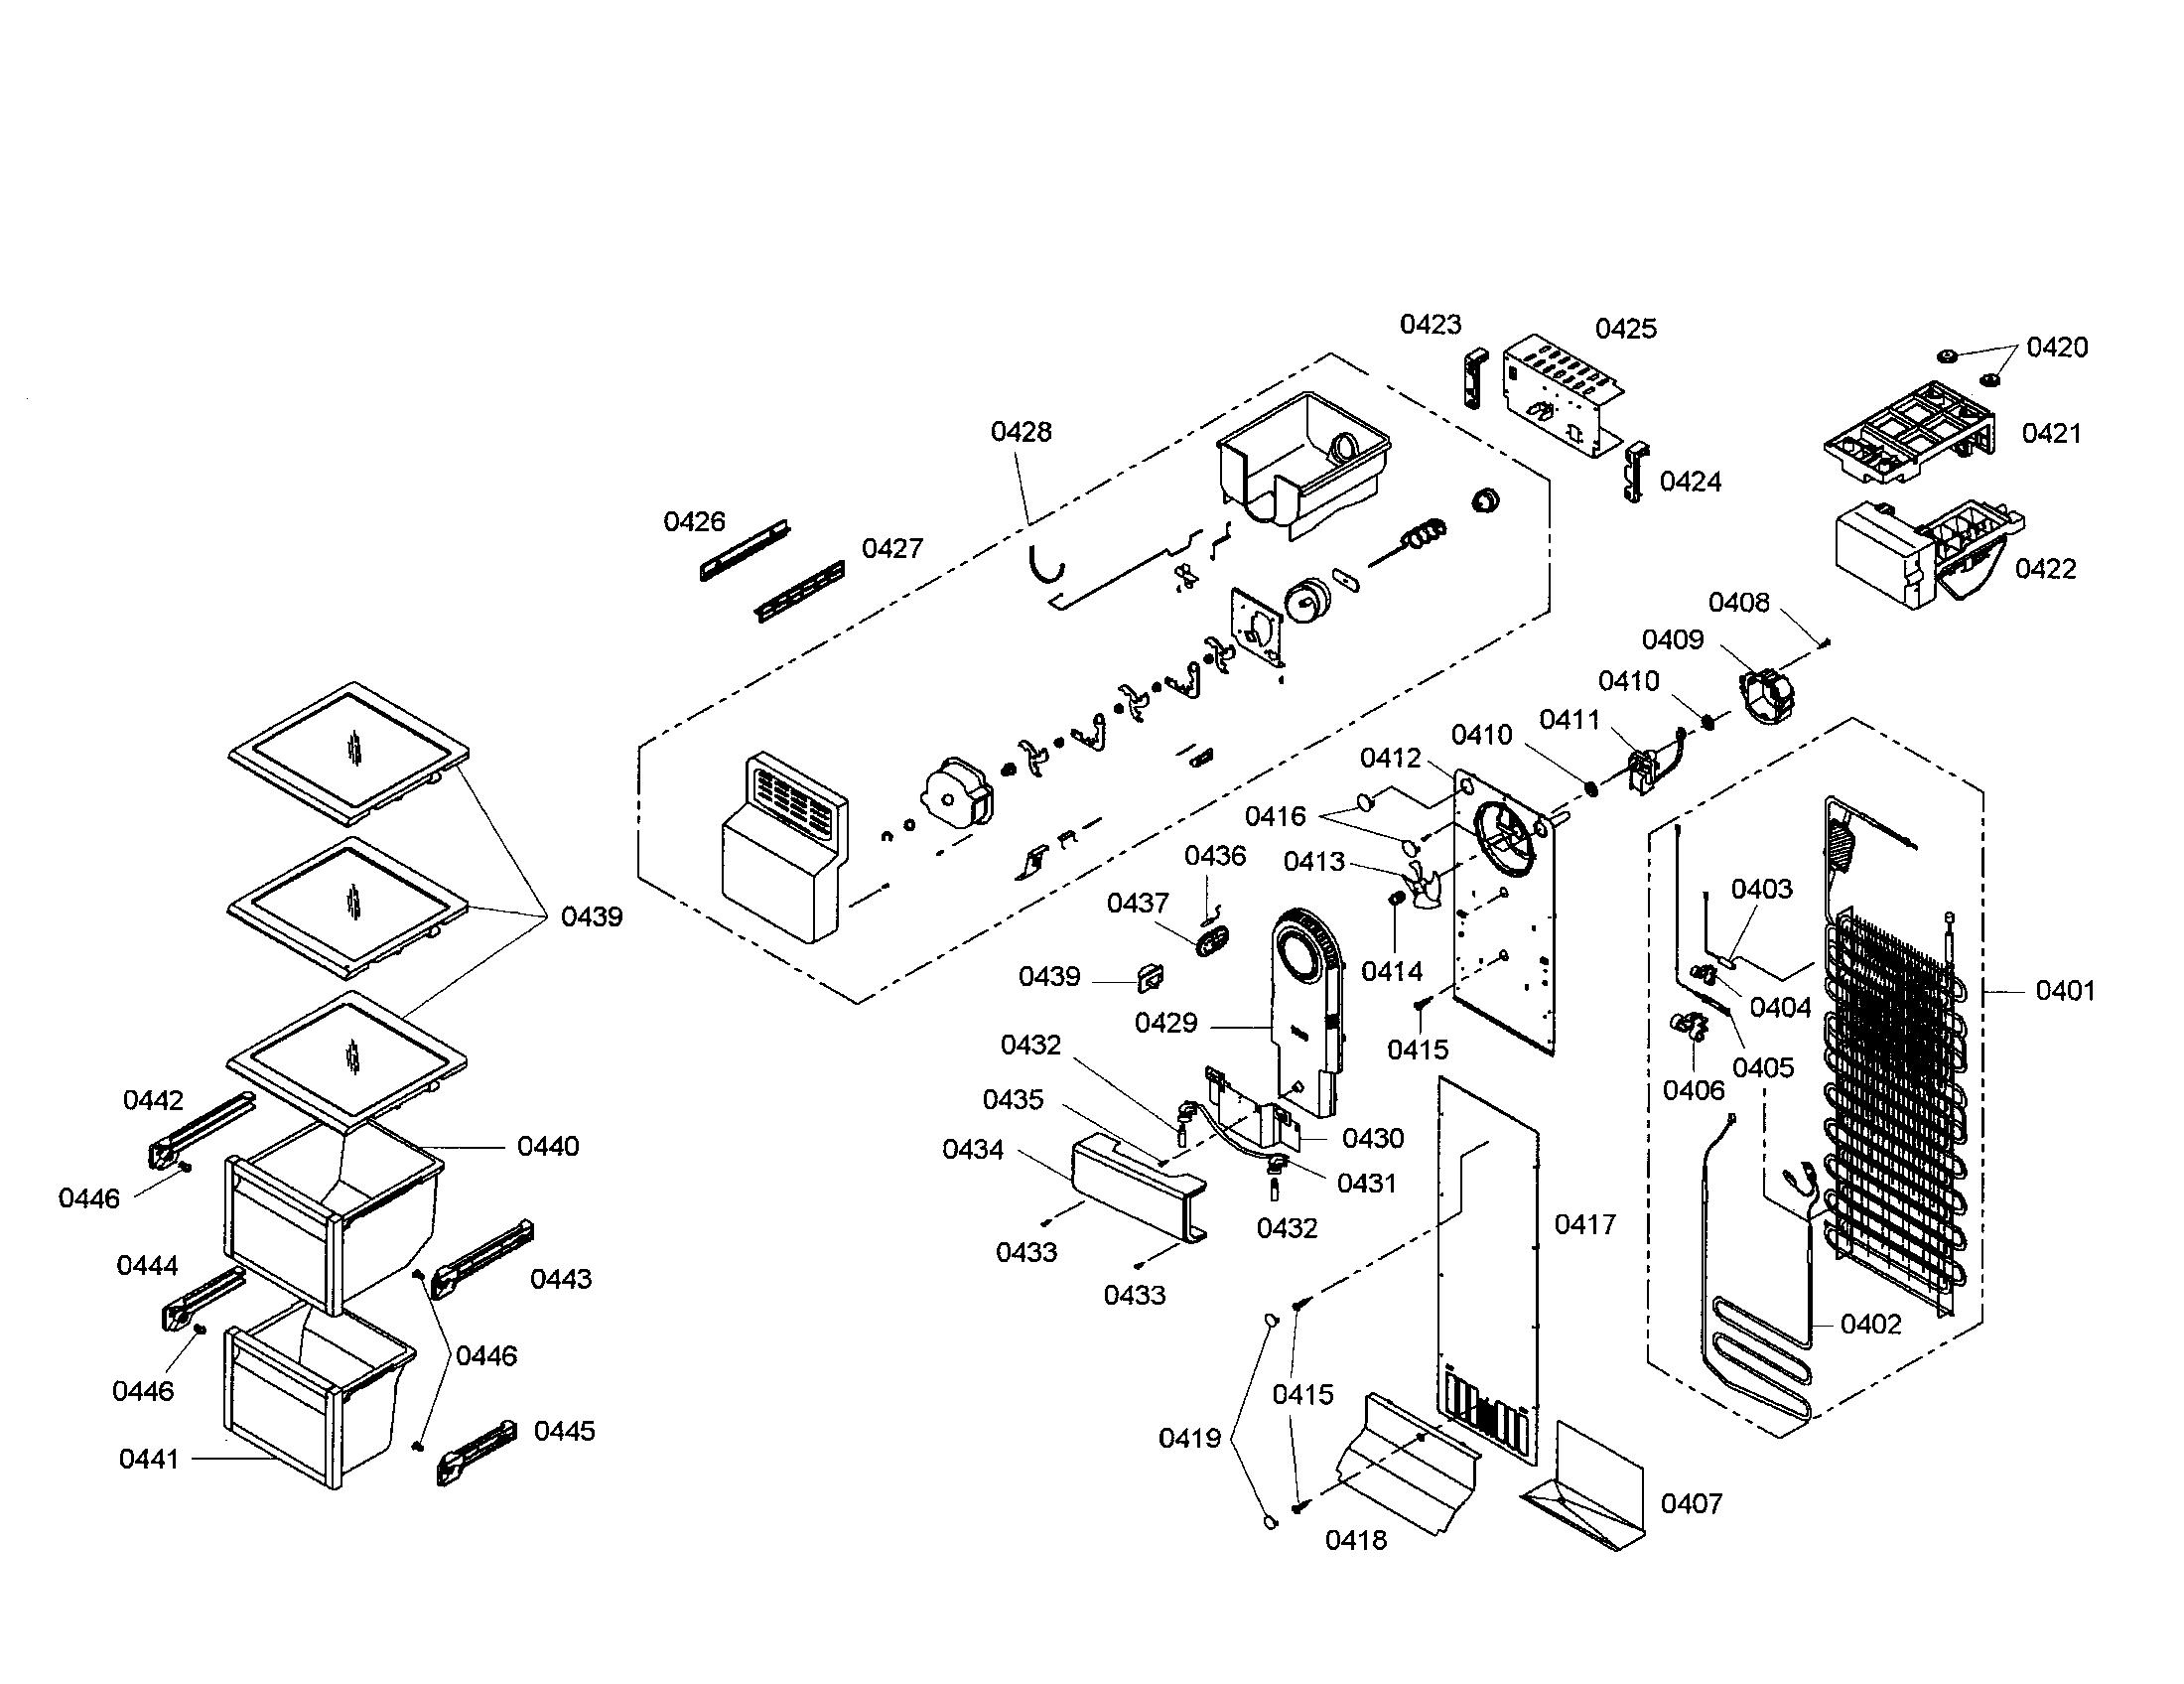 FREEZER SECTION Diagram & Parts List for Model B20CS80SNS